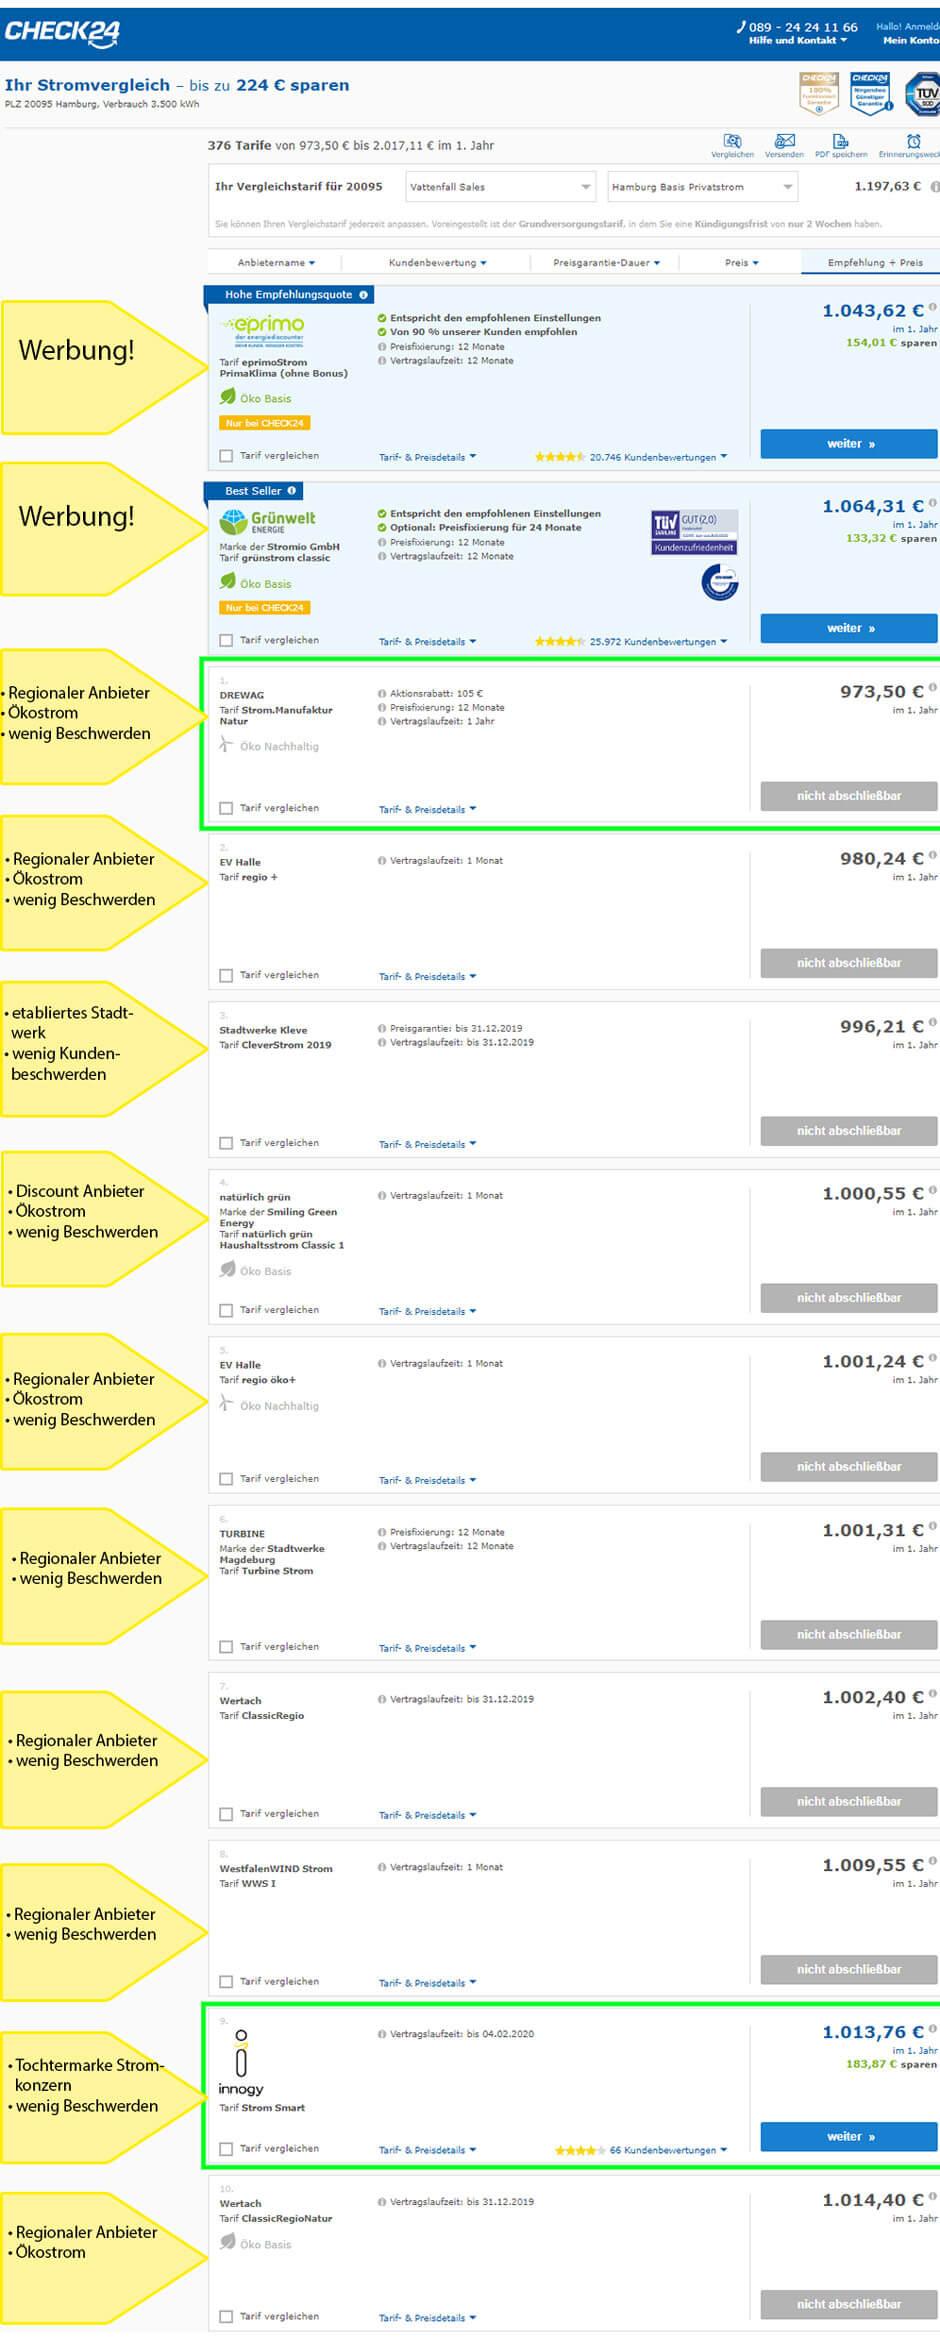 Stromanbieter wechseln in Hamburg: so sieht die Ergebnisliste im Vergleichsportal Check24 aus, wenn man sich Tarife ohne Bonus anzeigen laesst